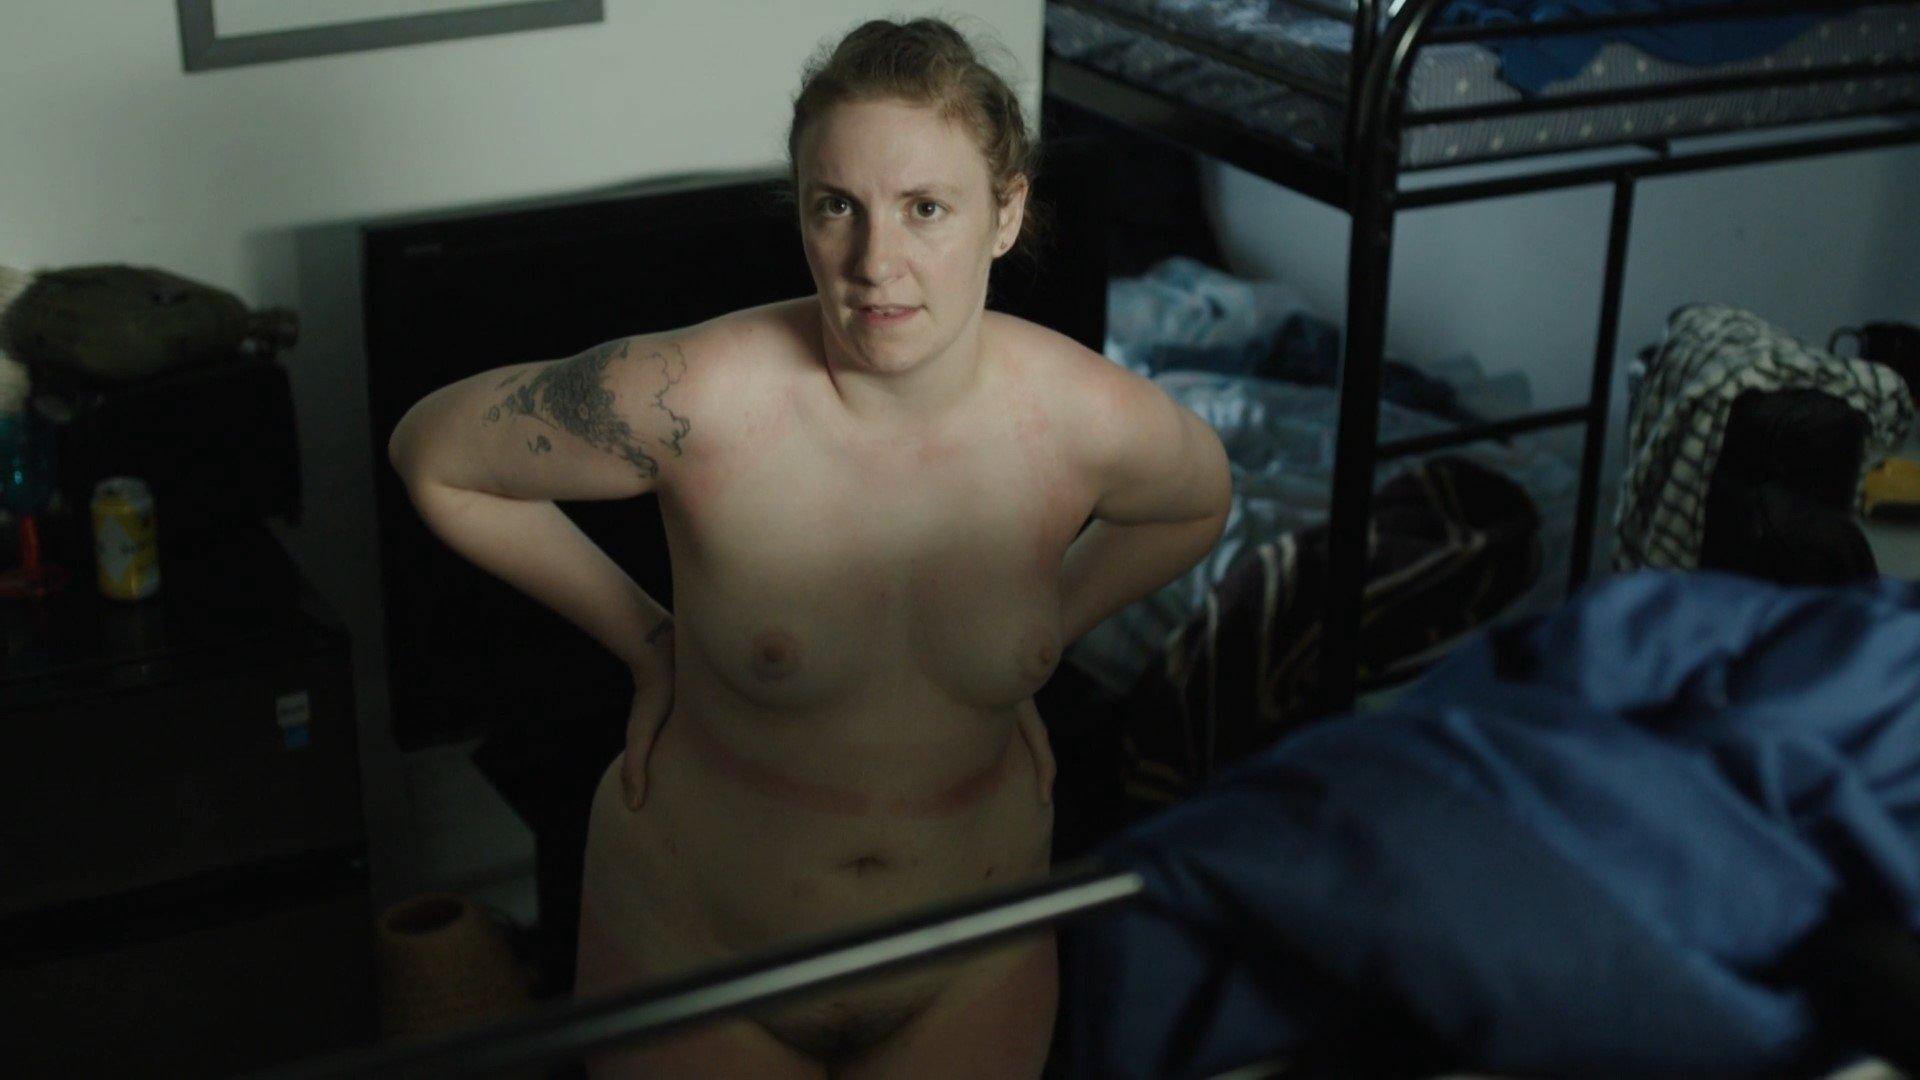 Nude Lena naked dunham